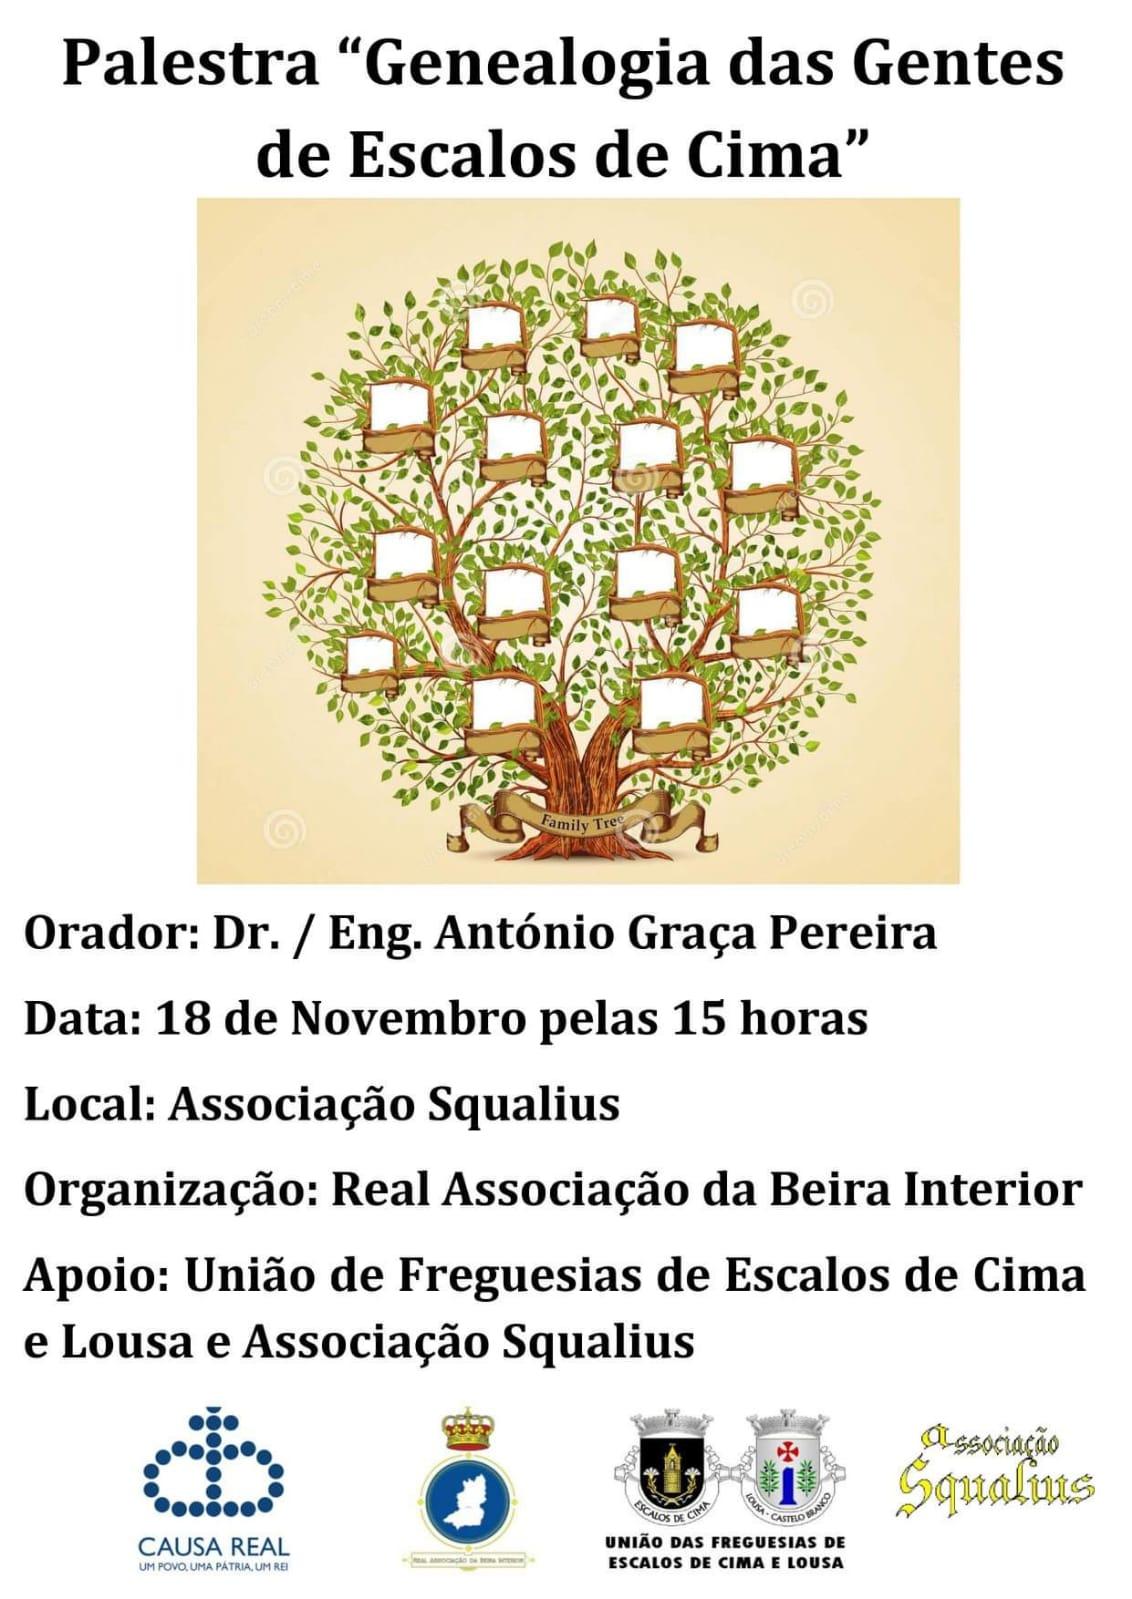 Palestra Genealogia das Gentes de Escalos de Cima Real Associação da Beira Interior